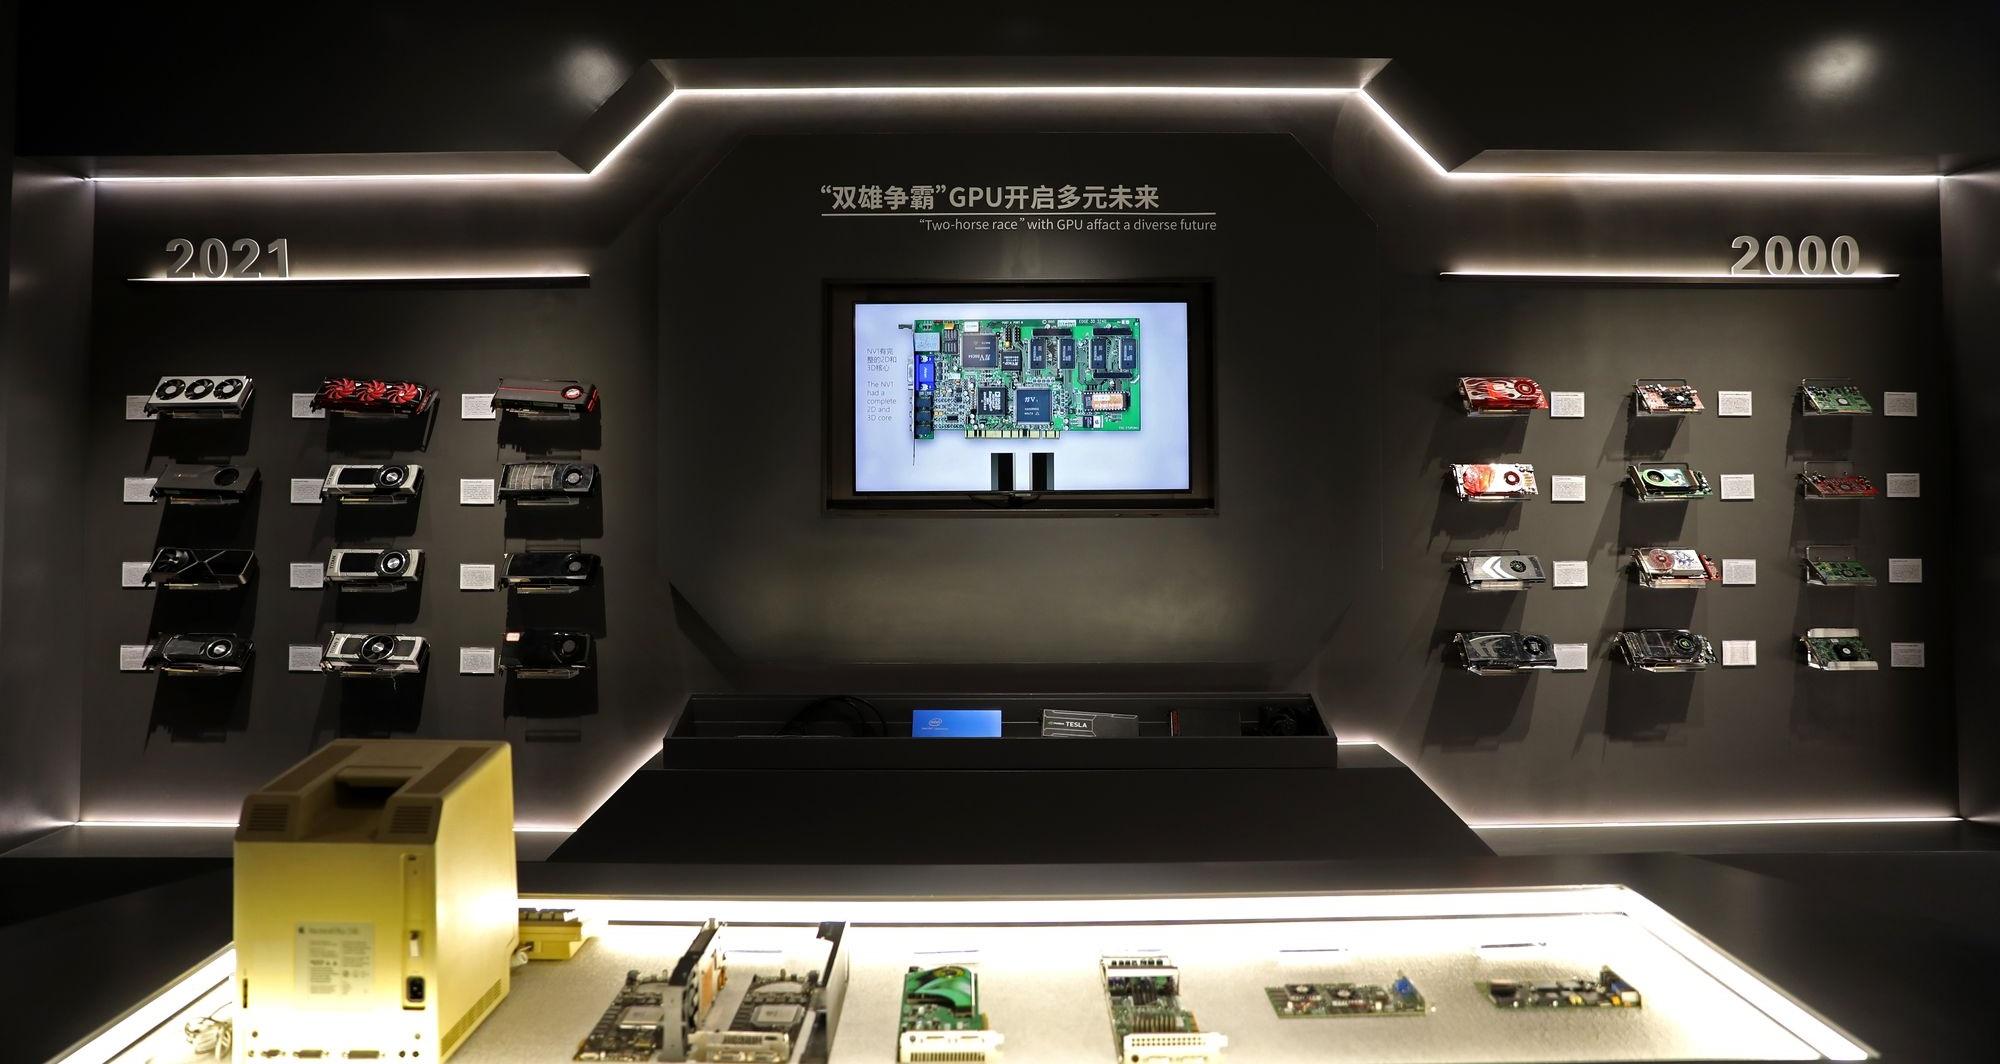 Colorful открыла музей истории графических процессоров